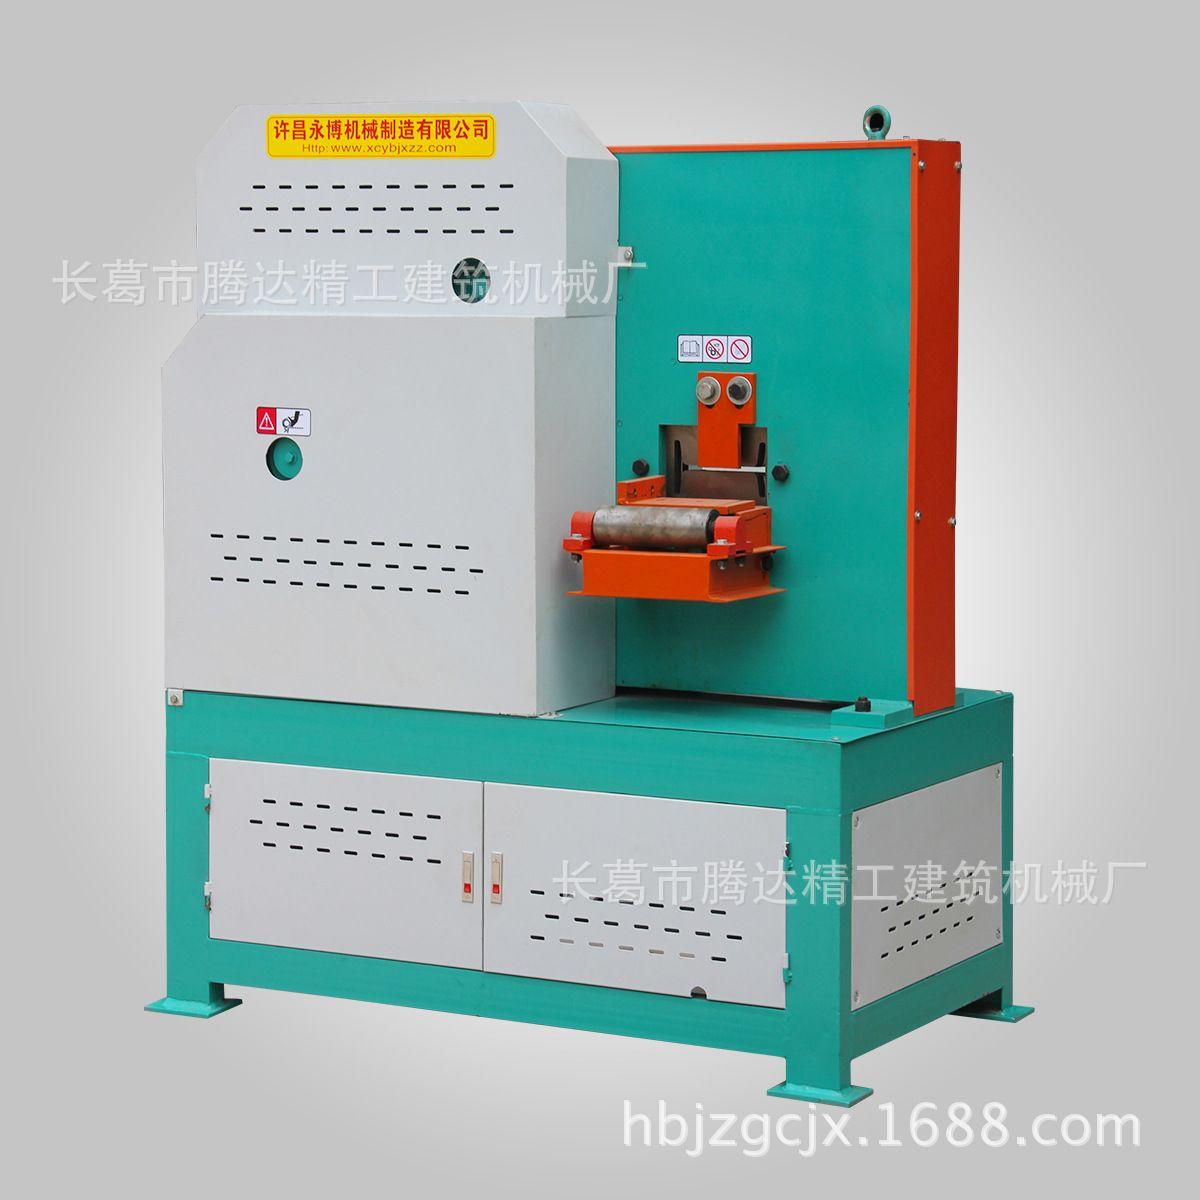 永博机械供应200型工字钢剪切机